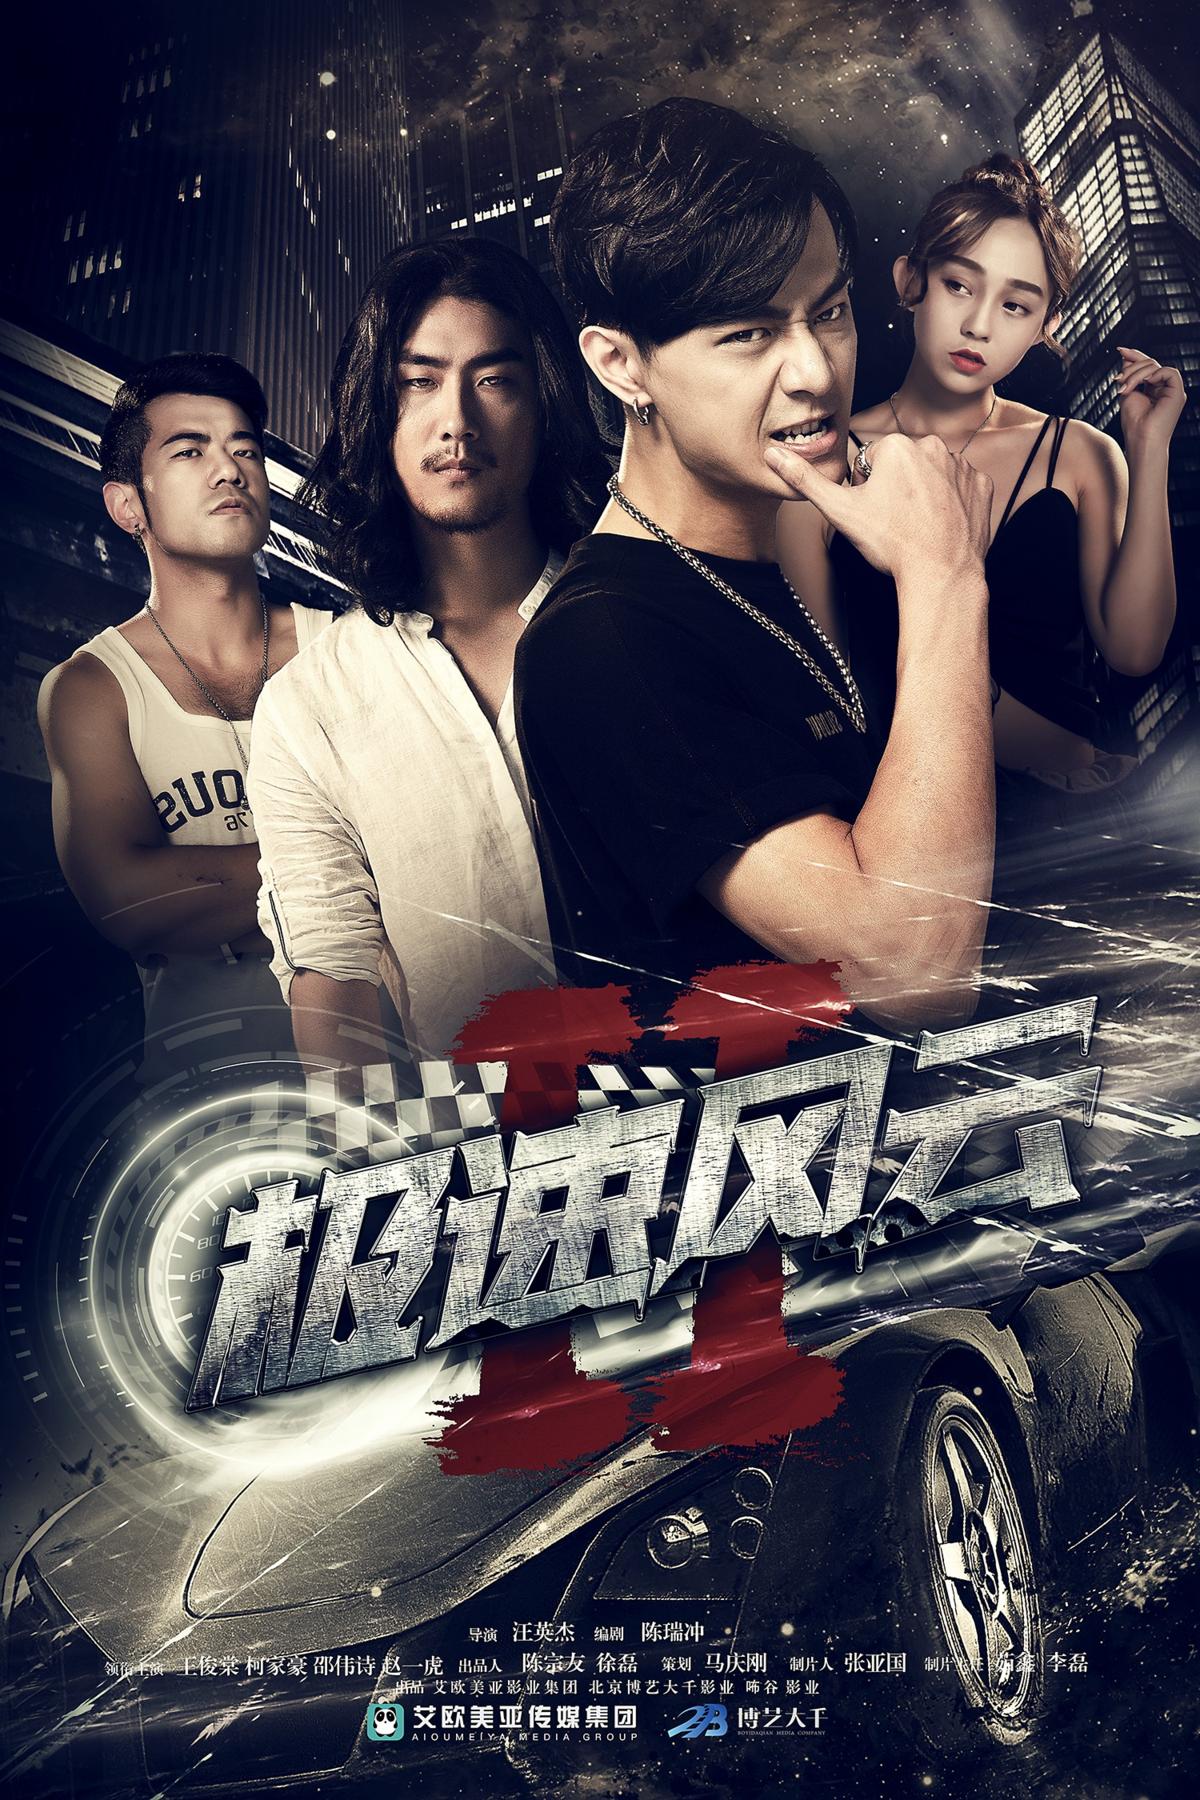 經過一家一家製作公司的拜訪,趙一虎終於在中國網劇《極速風雲》拿到男二角色。(趙一虎提供)